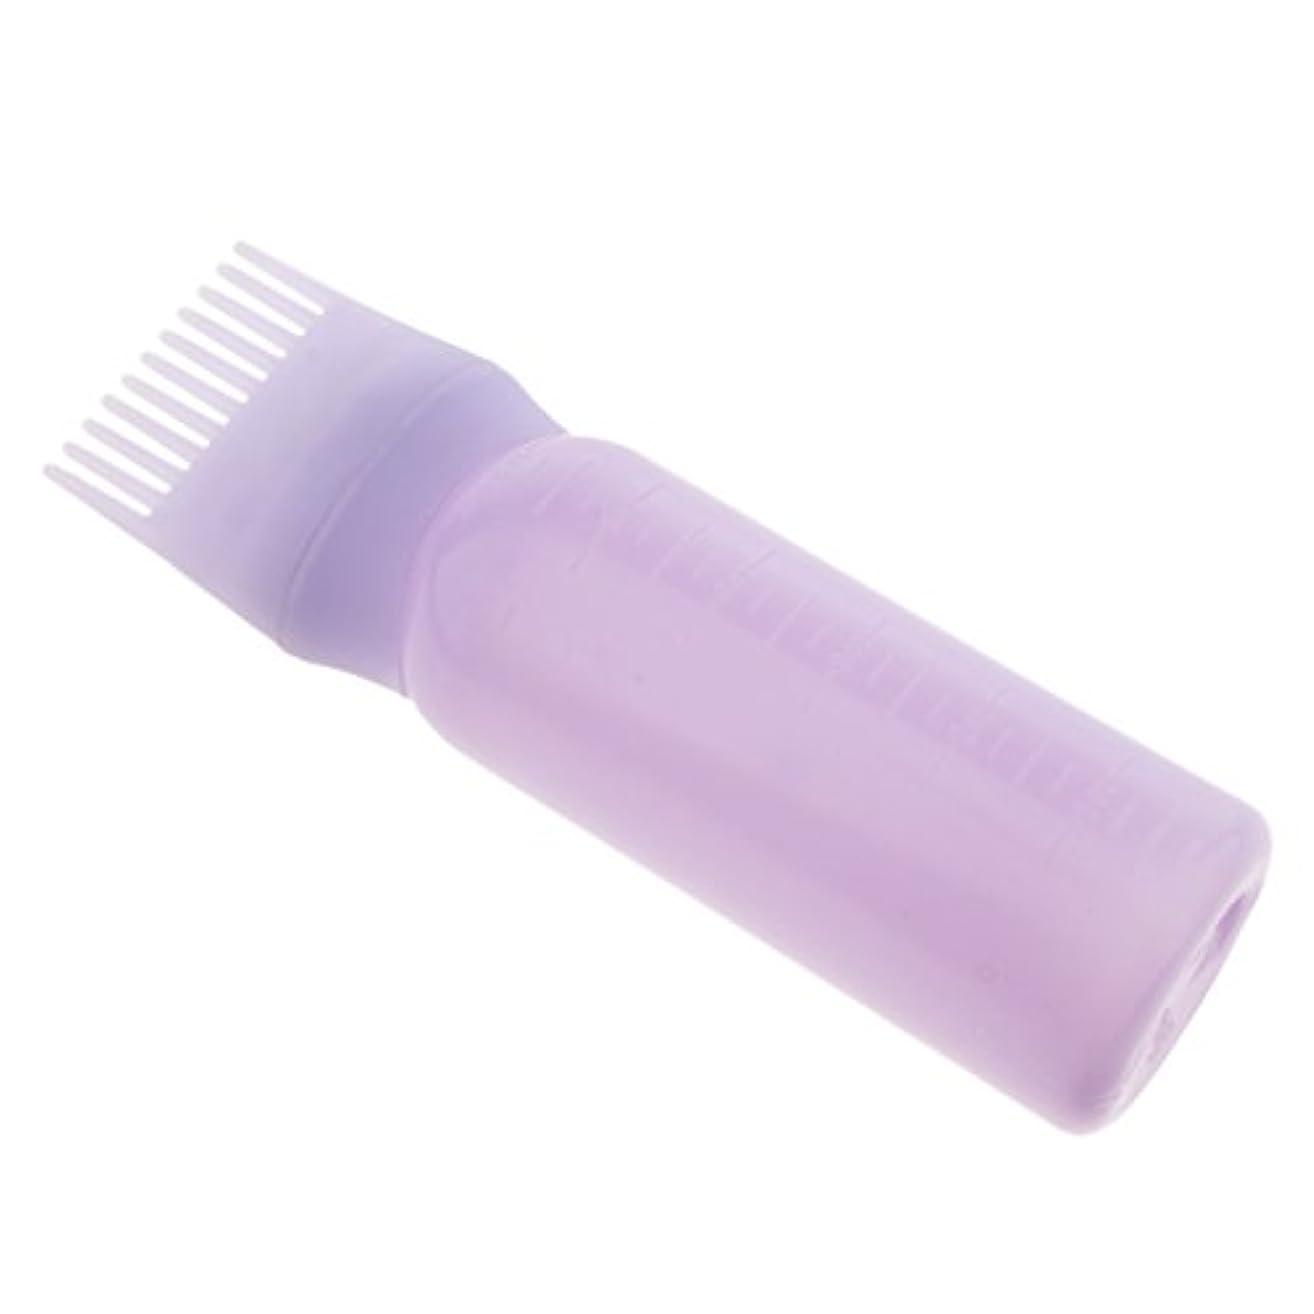 委員会ページ退屈ヘアダイ ヘアカラー ボトル コーム ディスペンサー ブラシ付き 2タイプ選べる - 紫